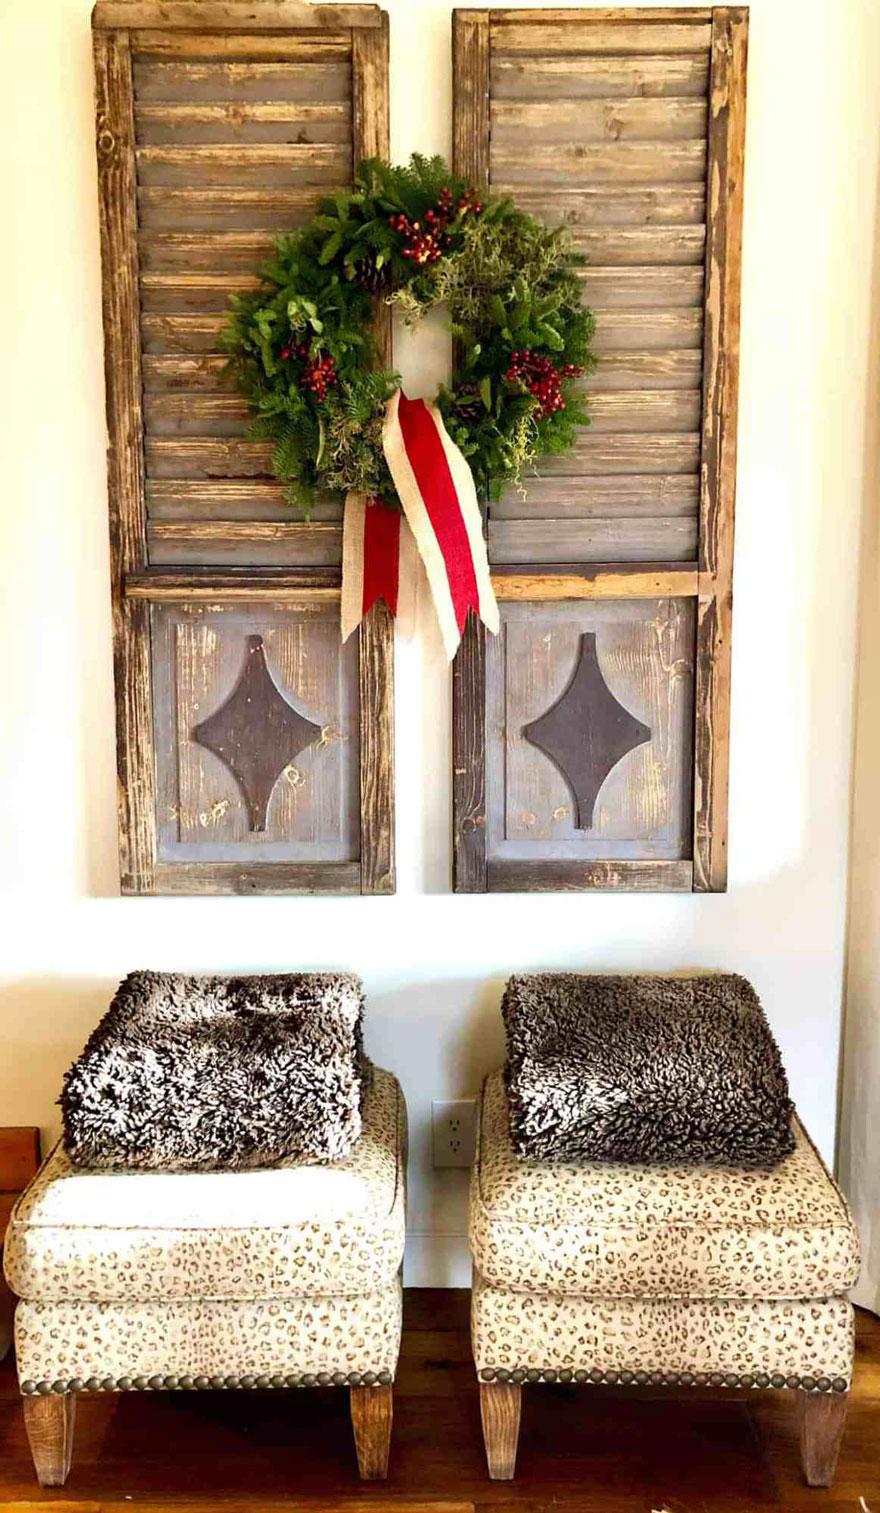 vintage shutters, wreath, ottomans